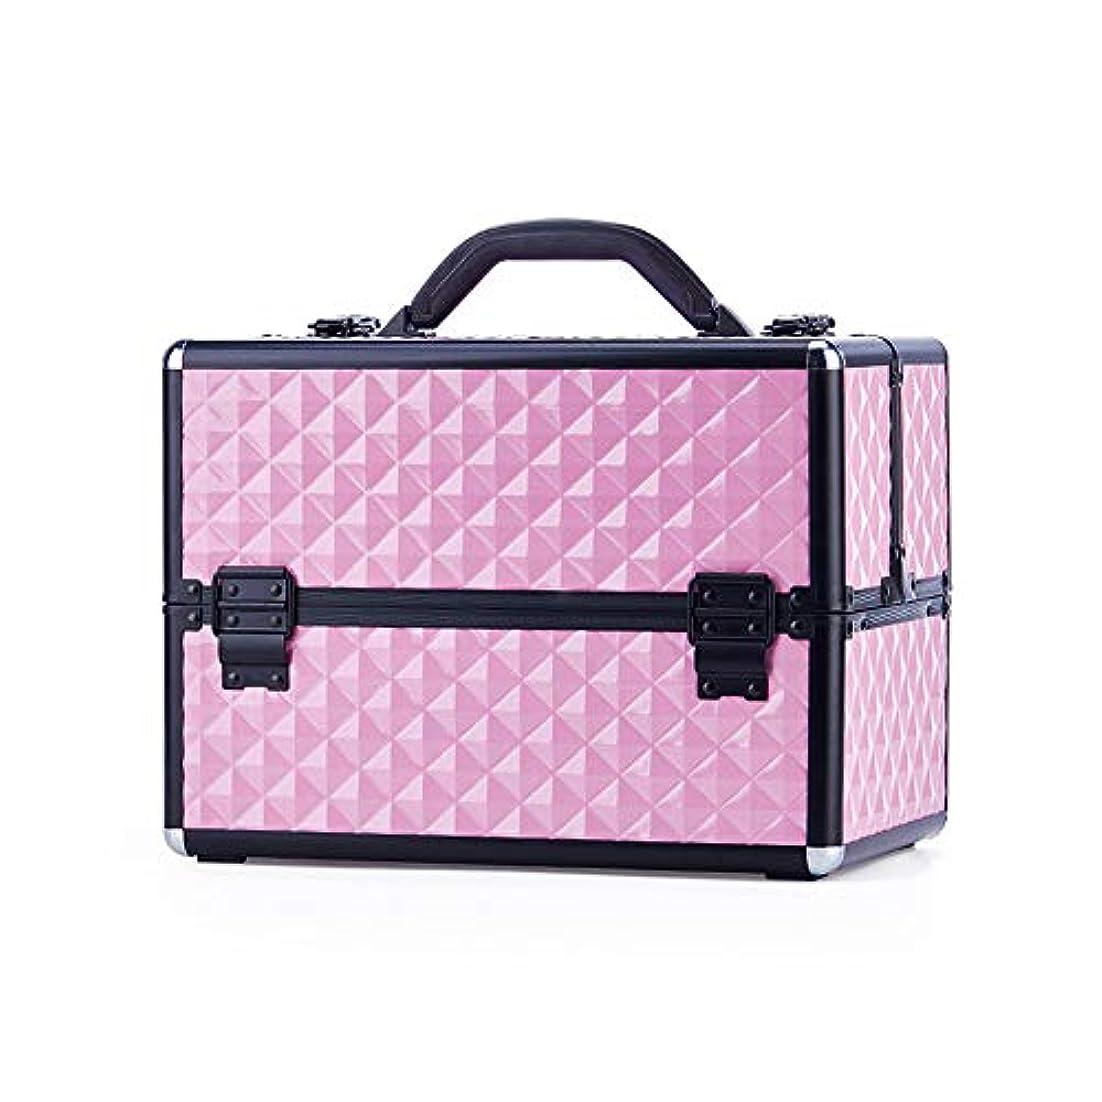 辞書オアシスフランクワースリー特大スペース収納ビューティーボックス 美の構造のためそしてジッパーおよび折る皿が付いている女の子の女性旅行そして毎日の貯蔵のための高容量の携帯用化粧品袋 化粧品化粧台 (色 : ピンク)